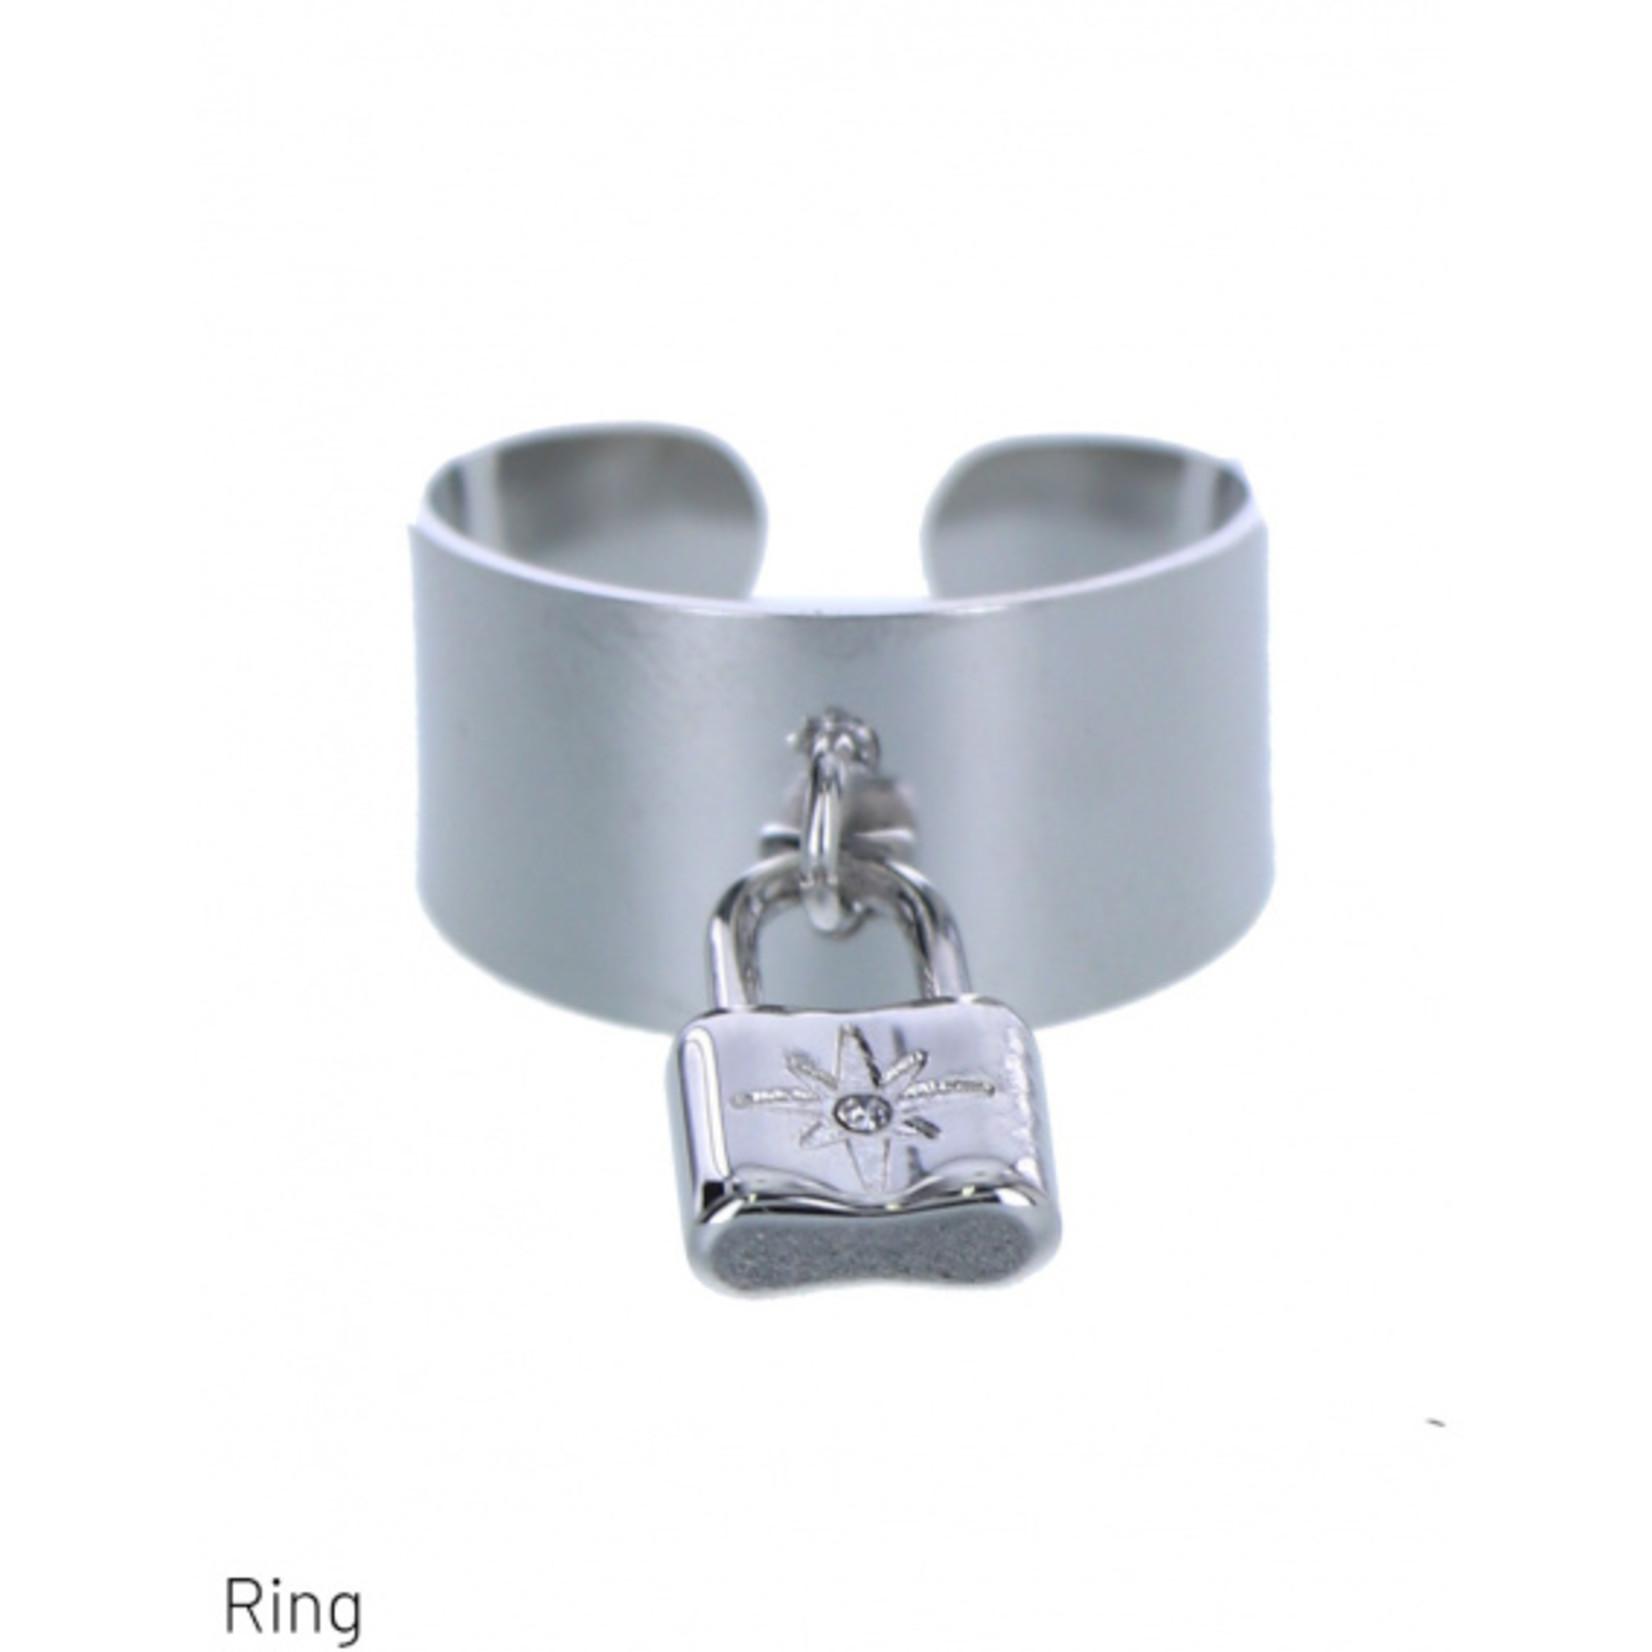 Dodi Ring zilverkleurig verstelbaar met hangend slot